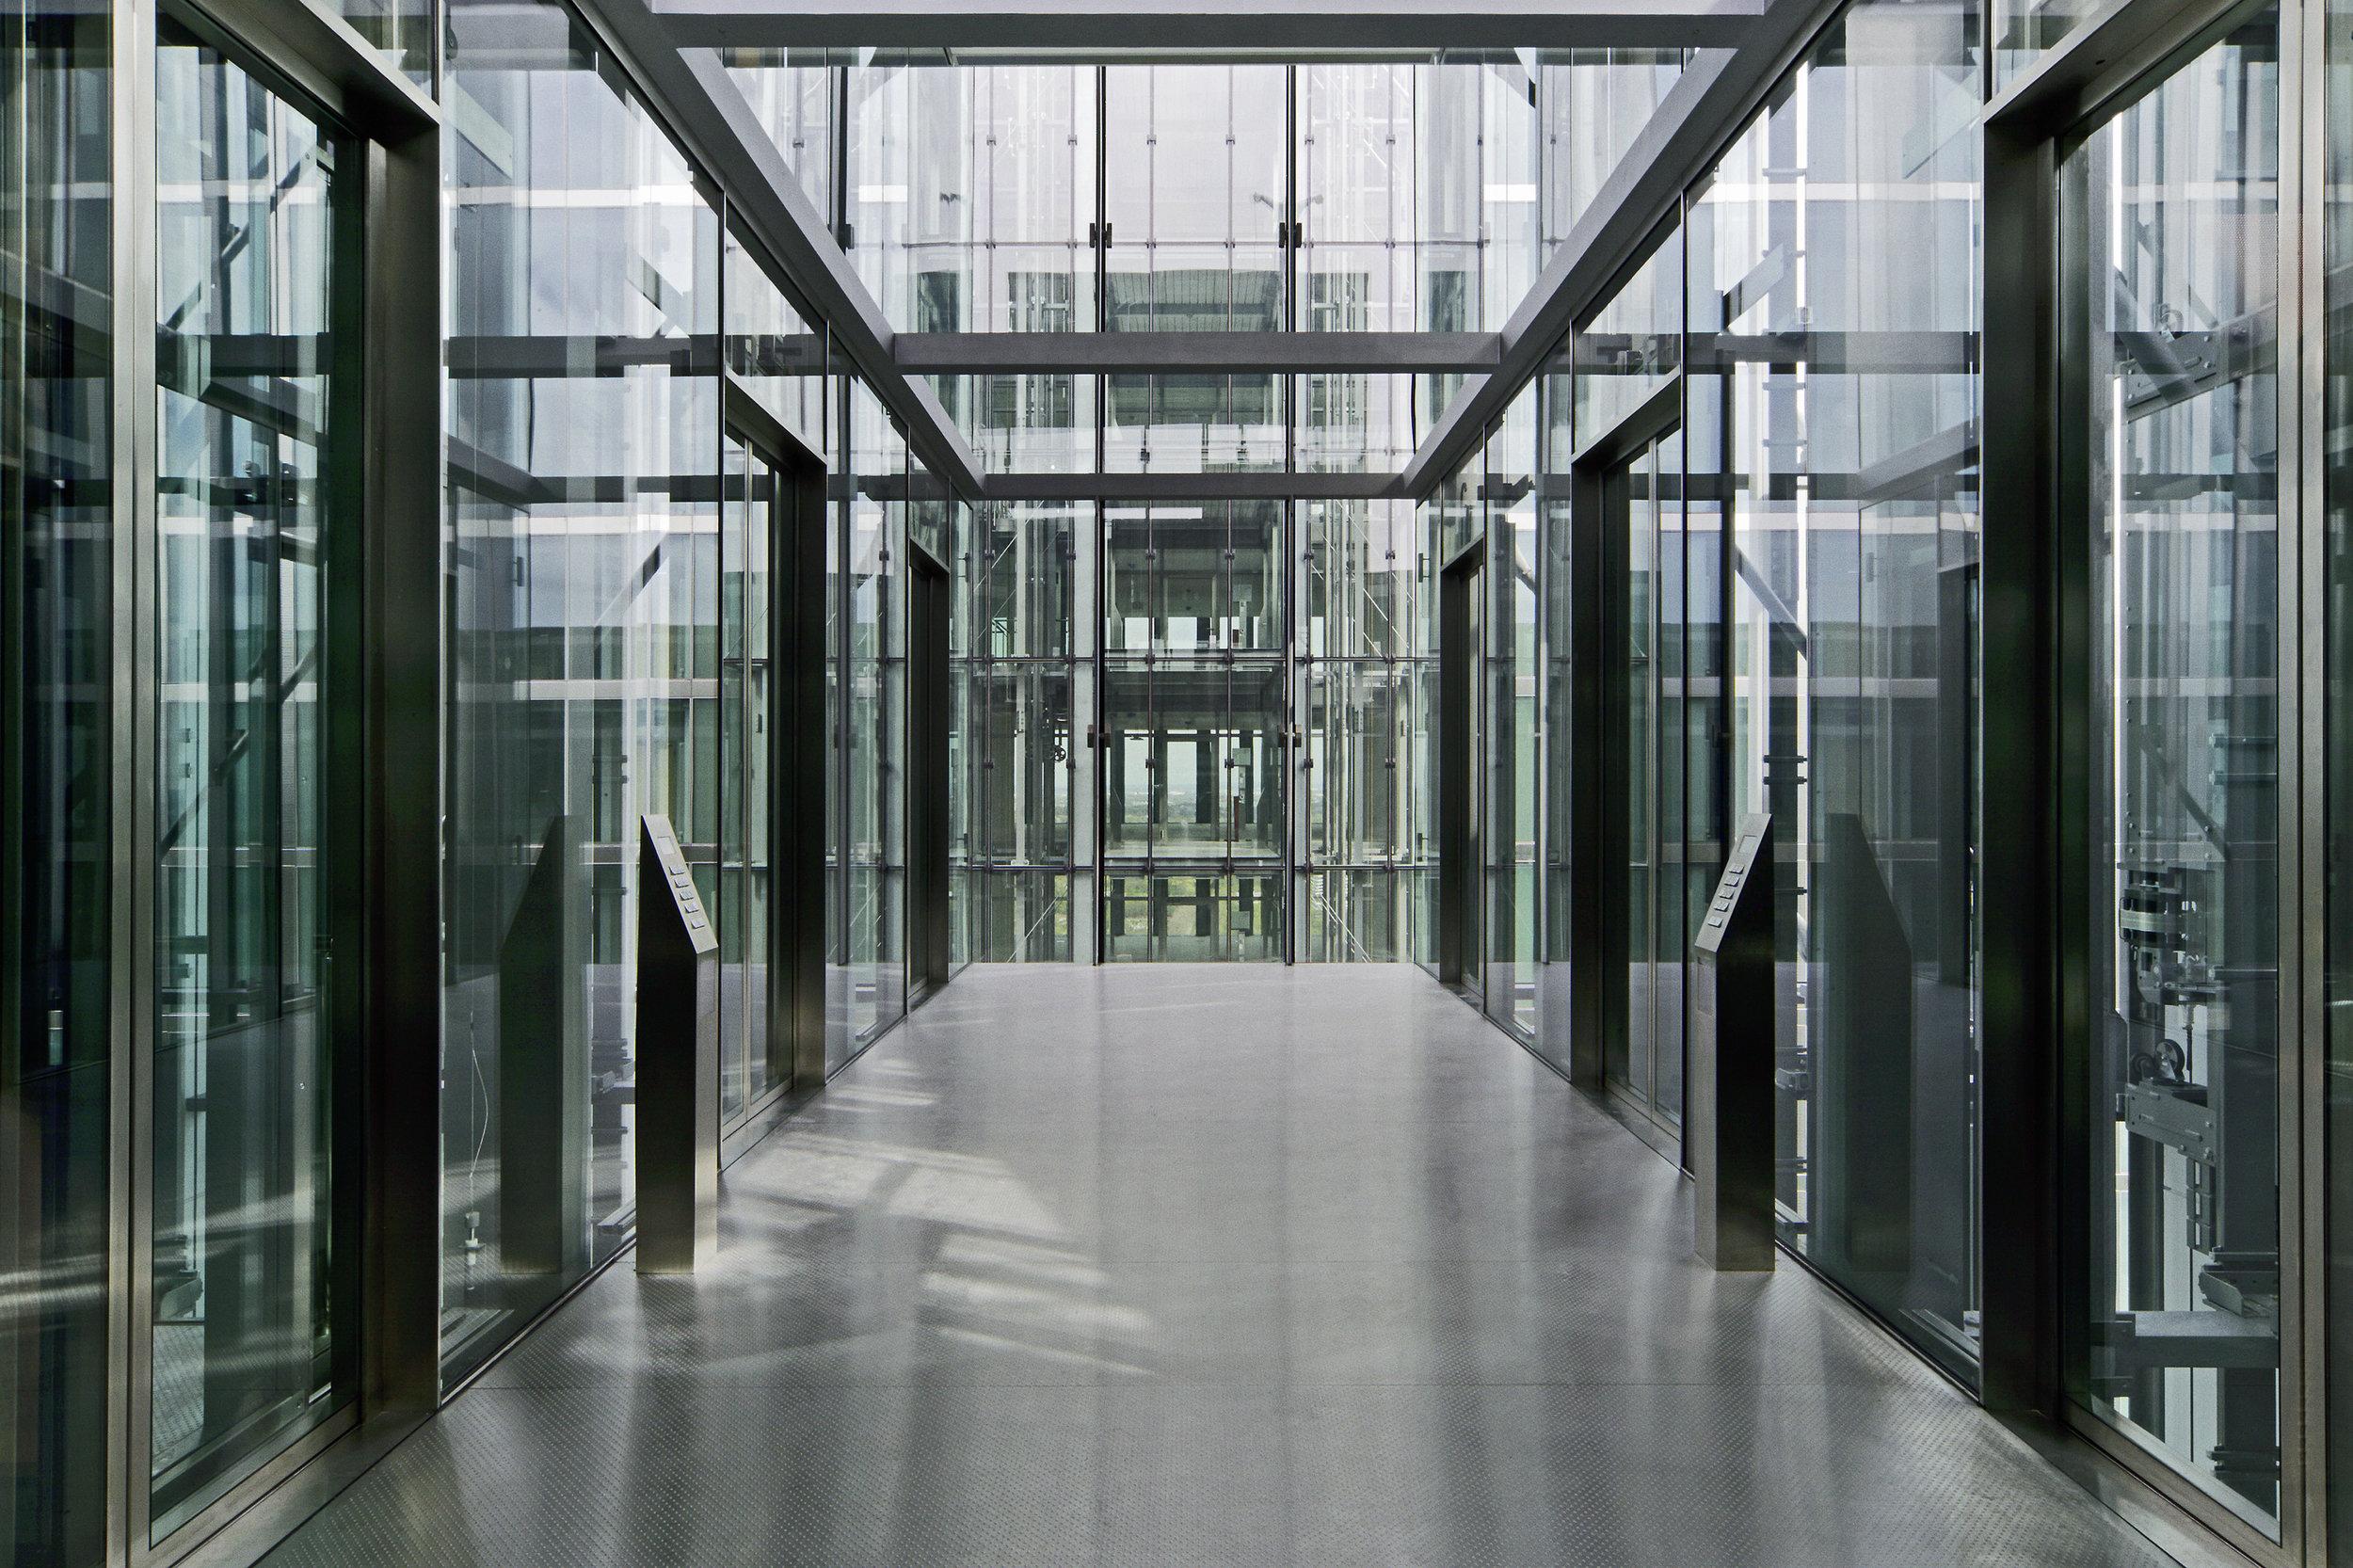 HTp_410_interior_ht083.jpg